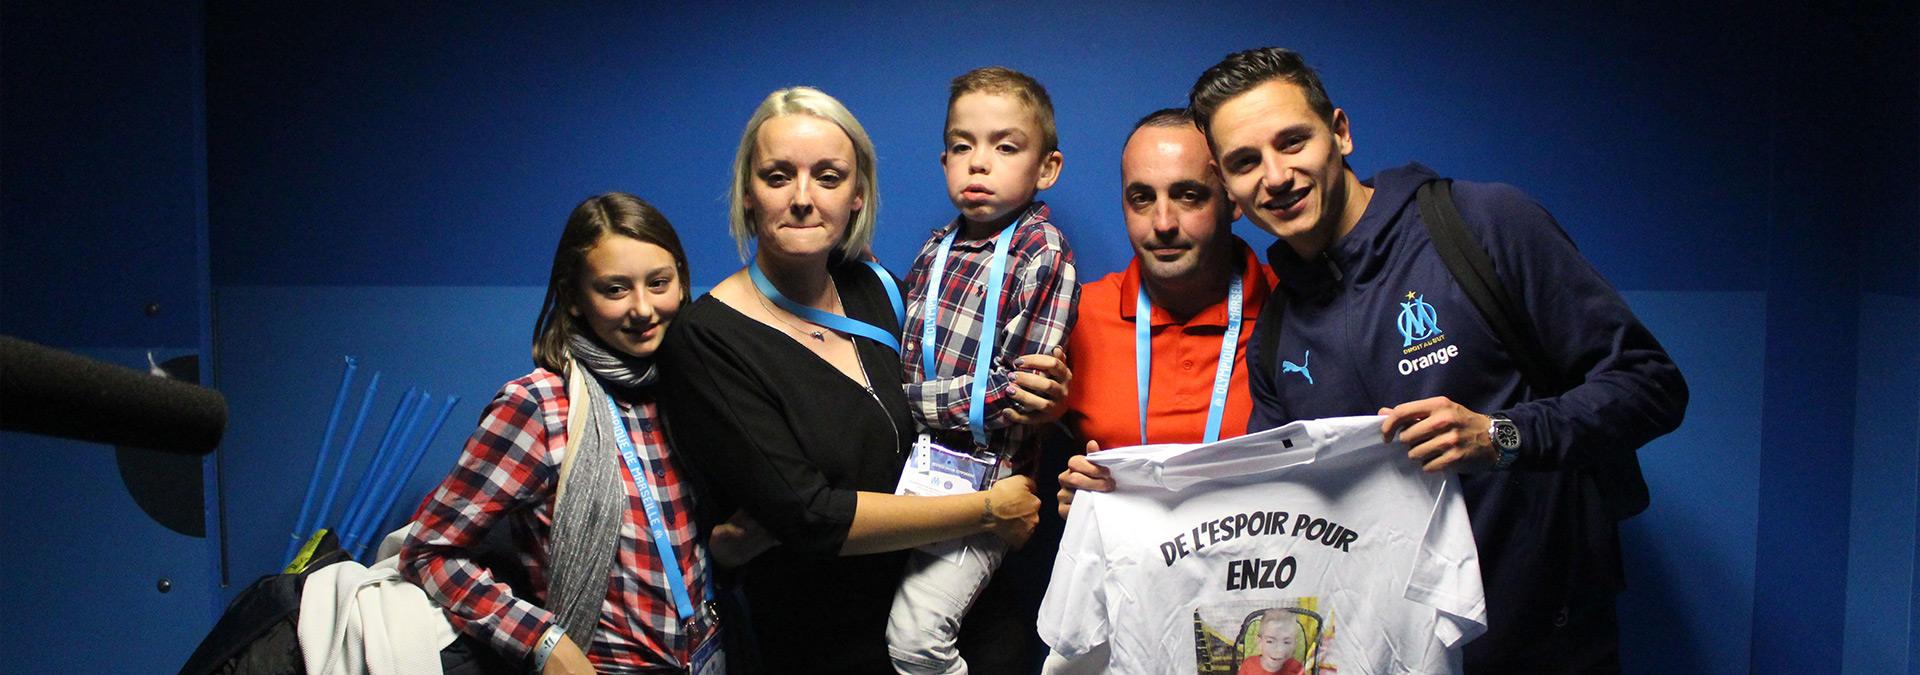 Florian Thauvin et enzo, un enfant malade